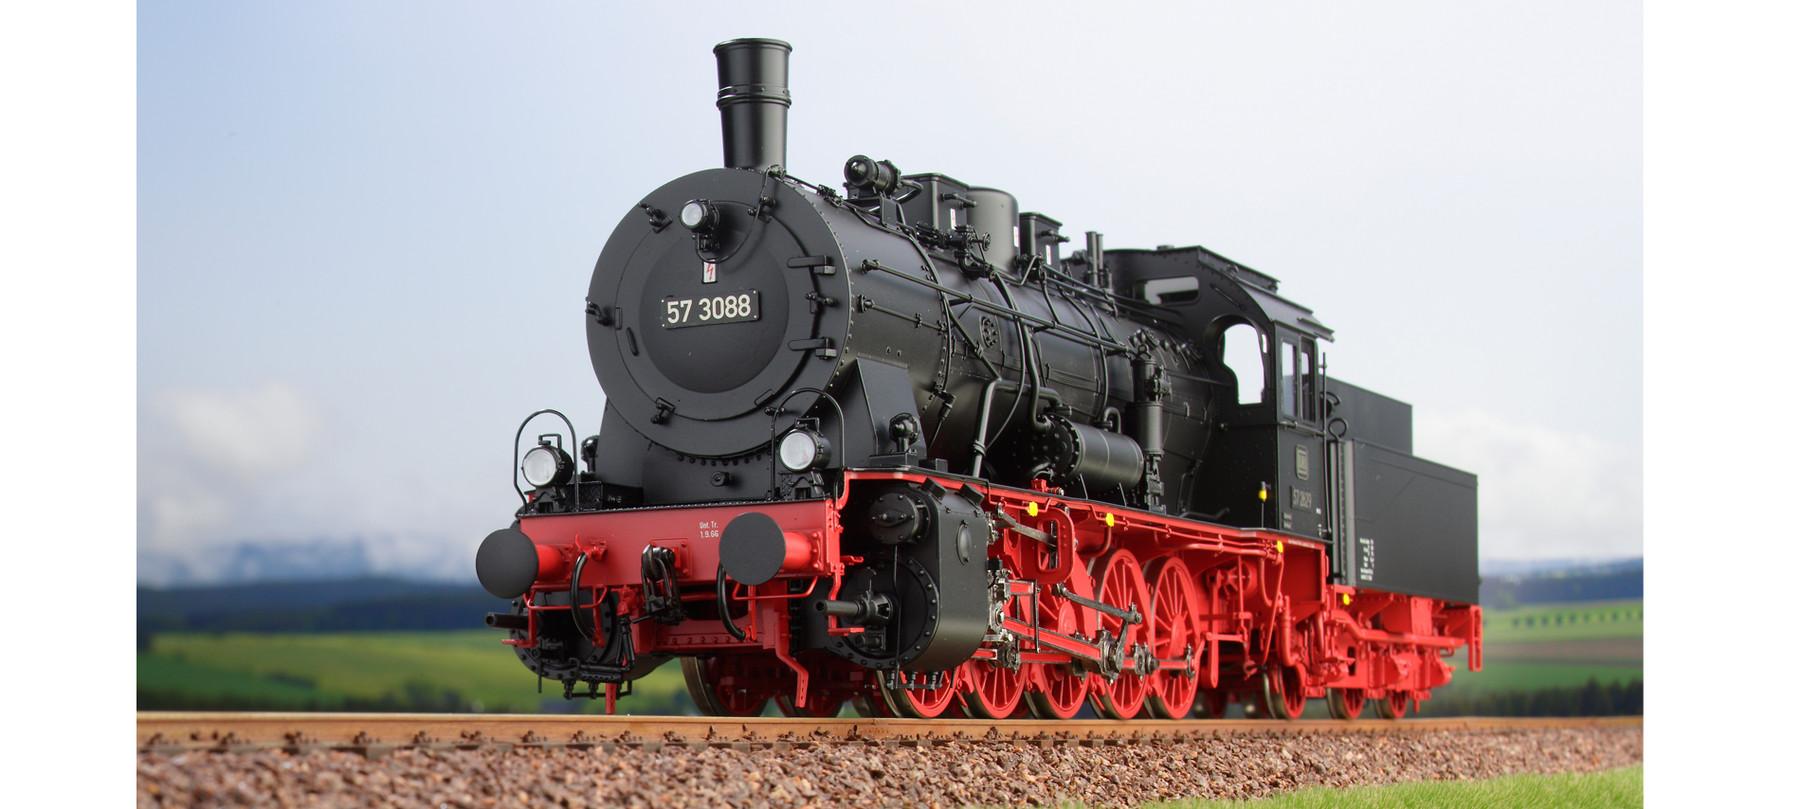 Spur 0 Baureihe 57.10 preussische G10 Lokomotive Nr. 57 3088 Epoche III